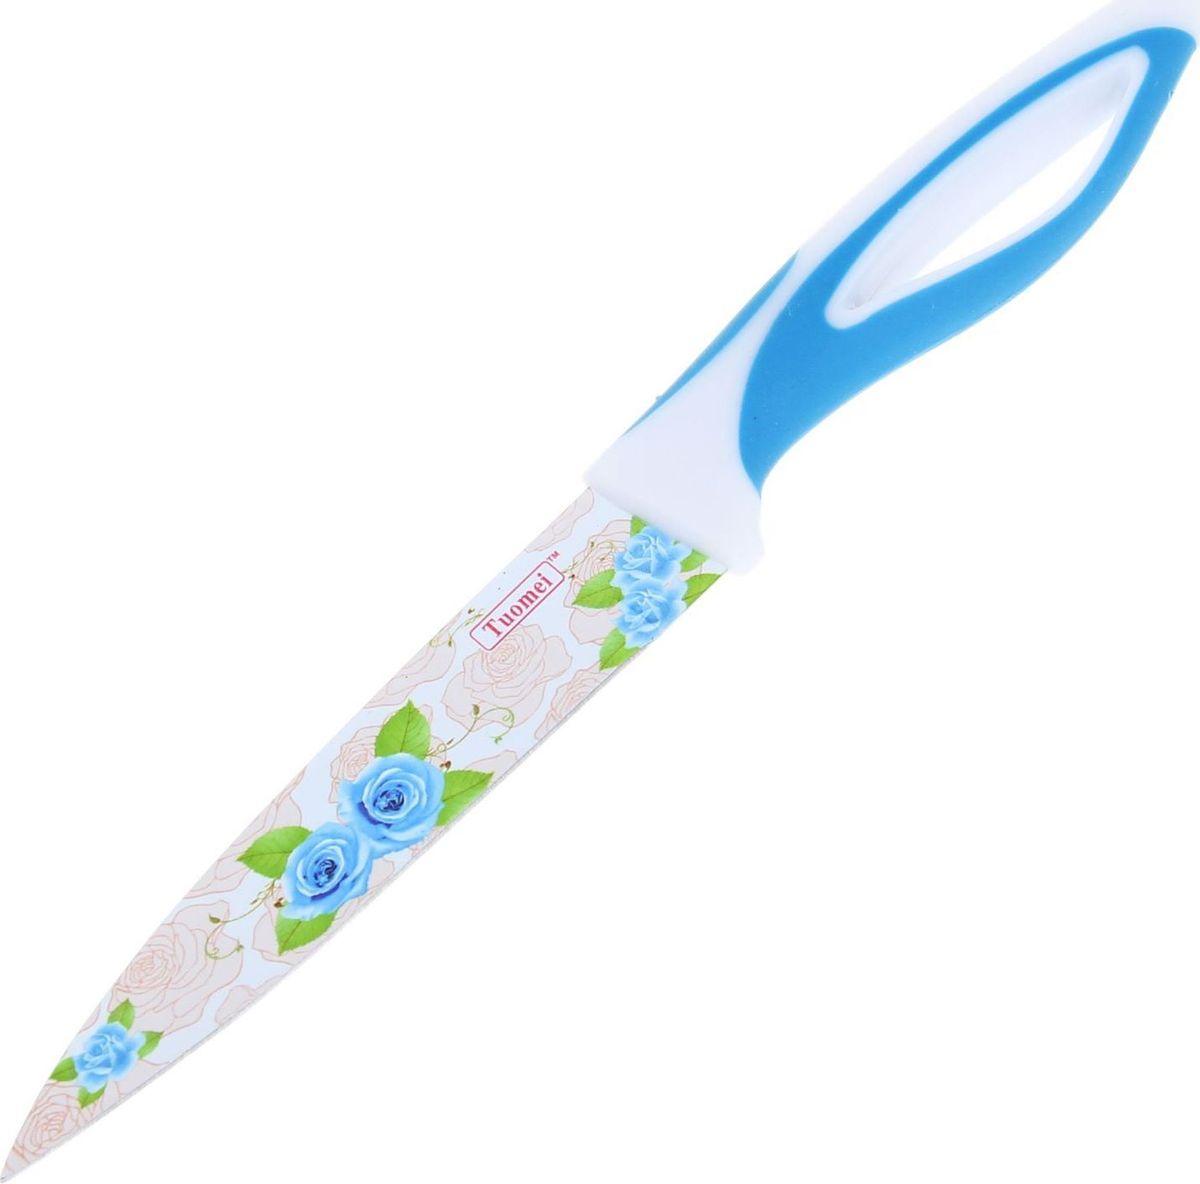 Нож Доляна Райский сад, с антиналипающим покрытием, цвет: голубой, длина лезвия 12,5 см1273097Нож Доляна Райский сад отлично подойдет для ежедневной нарезки продуктов. Лезвие ножа выполнено из нержавеющей стали с антиналипающим покрытием. Надежная сталь обеспечивает длительный срок службы и высокую прочность. Изделие не впитывает посторонние запахи, не вступает в реакции с продуктами. Удобная ручка, выполненная из пластика с силиконовыми вставками, предохраняет руки от усталости и обеспечивает надежный хват. Нож легко моется и требует минимального ухода. Яркий дизайн лезвия сделает такой нож настоящим украшением кухни.Длина ножа: 23 см.